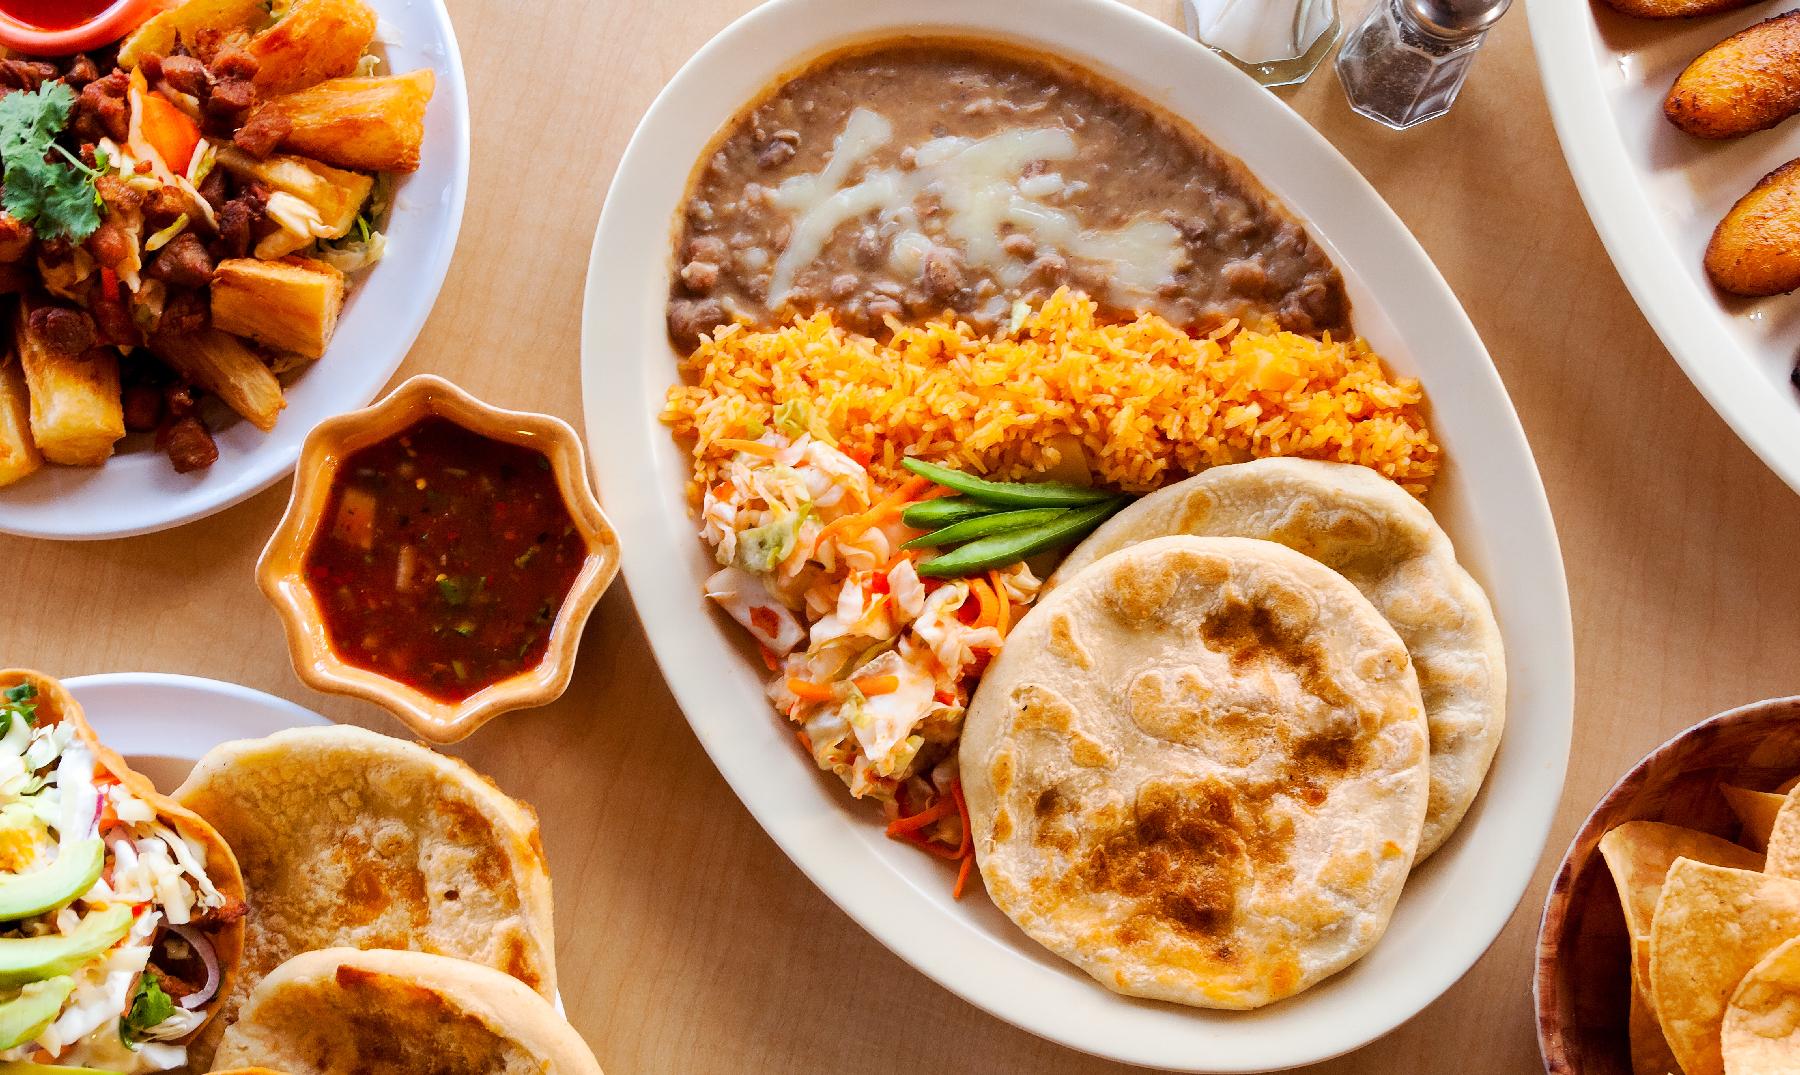 Comida Típica De El Salvador 10 Platos Imprescindibles Con Imágenes